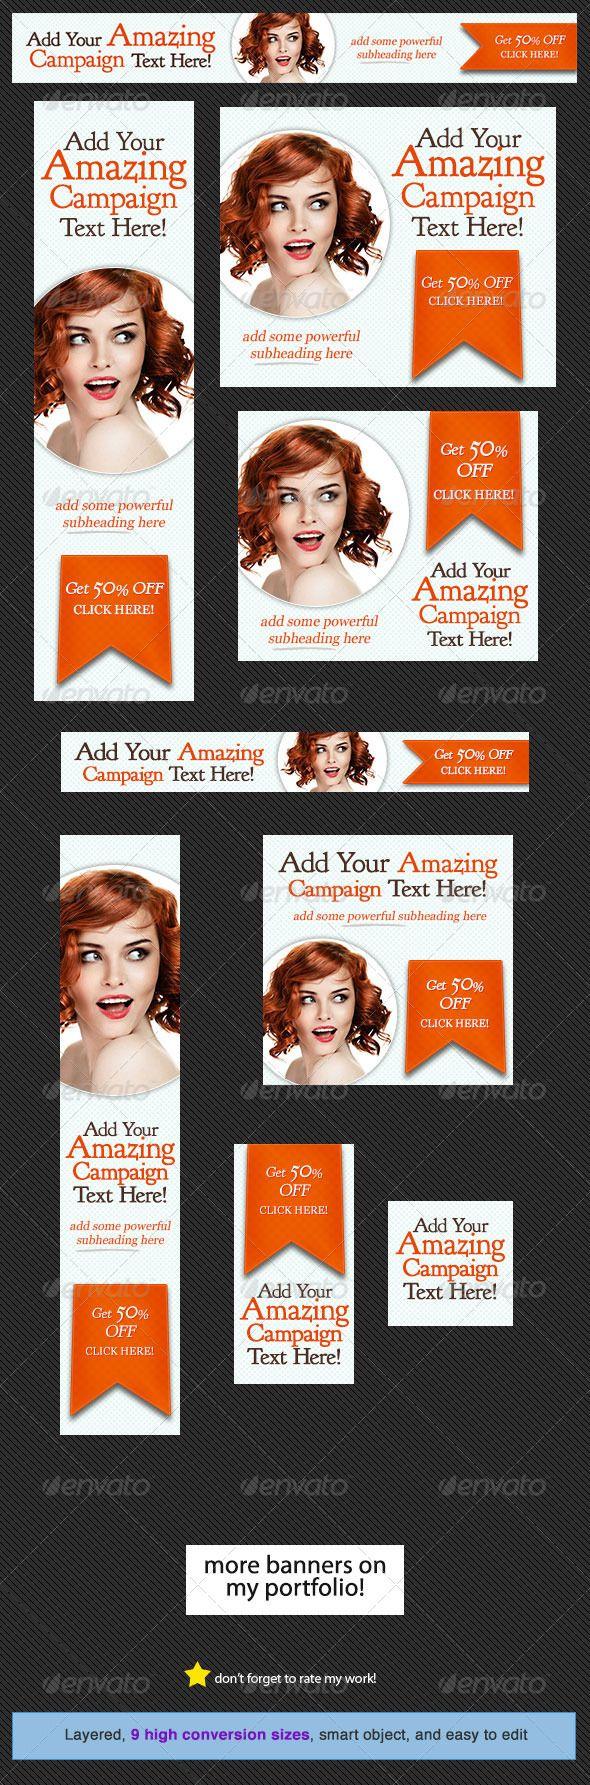 SugarPop - Web Banner Design - Banners & Ads Web Elements  Banner ad designer 775 453 6120